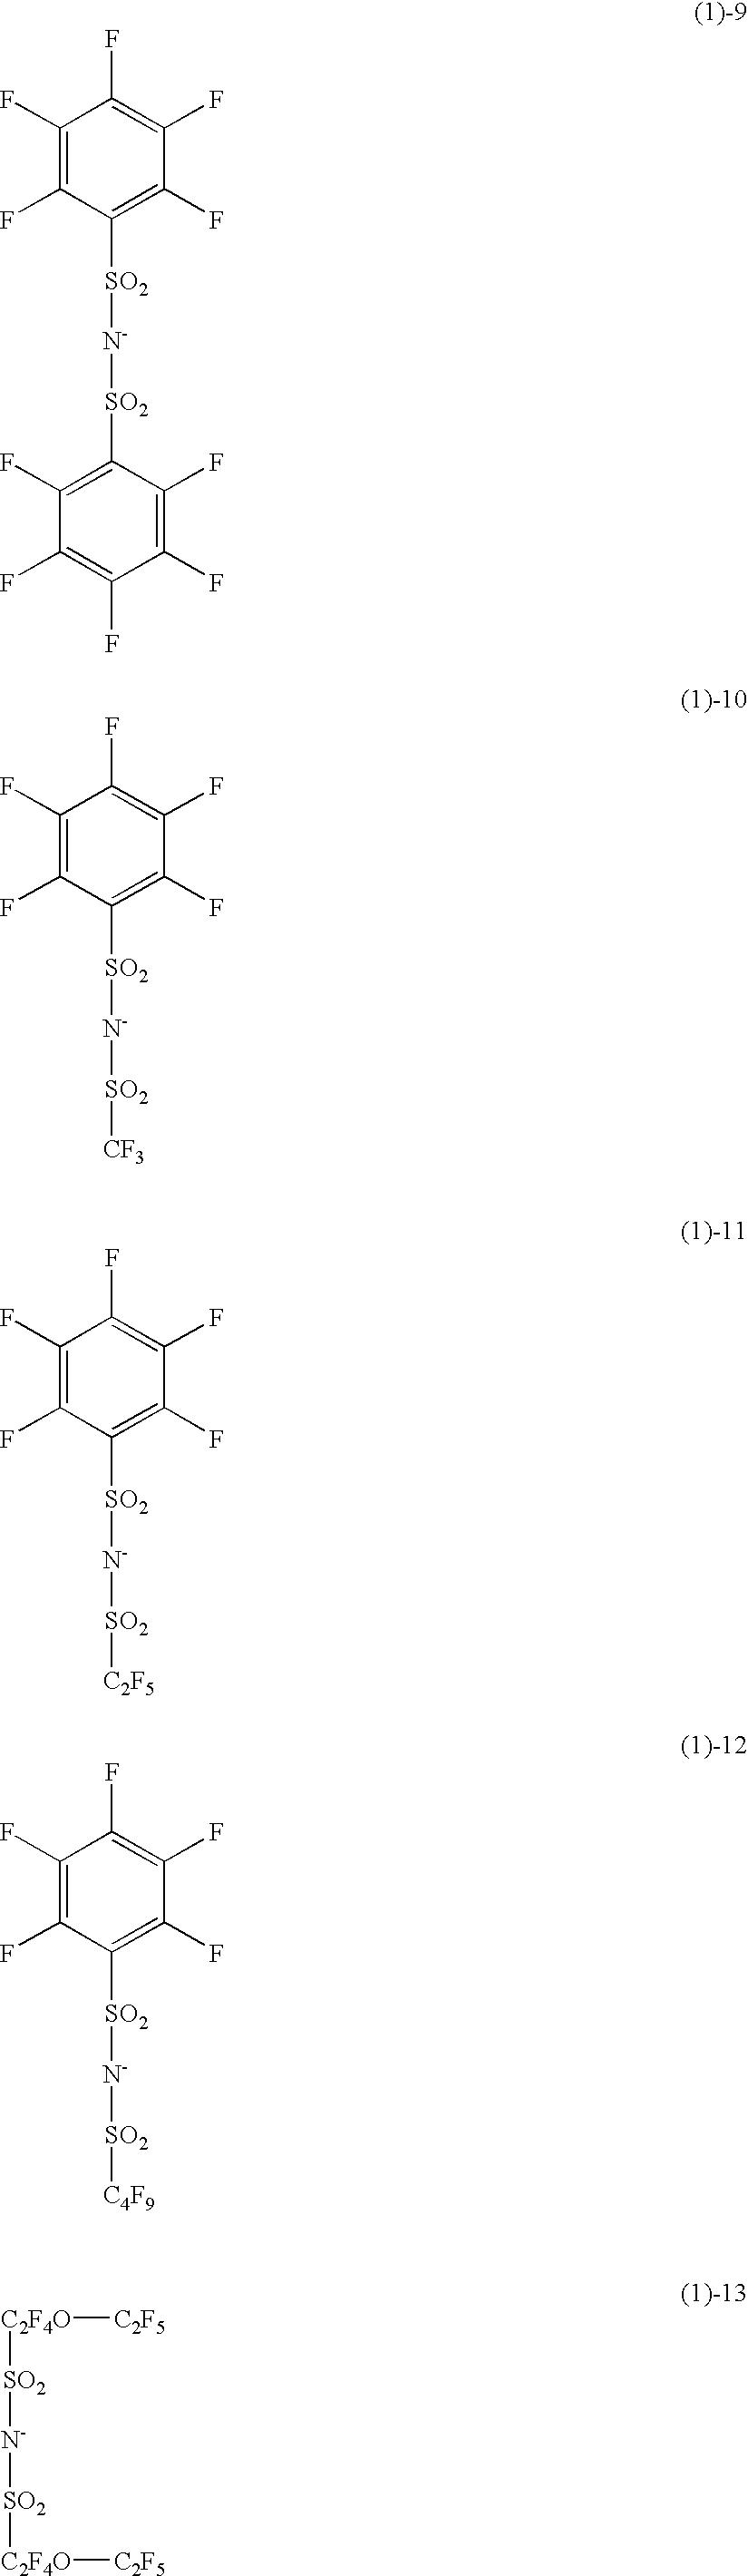 Figure US20030207201A1-20031106-C00004